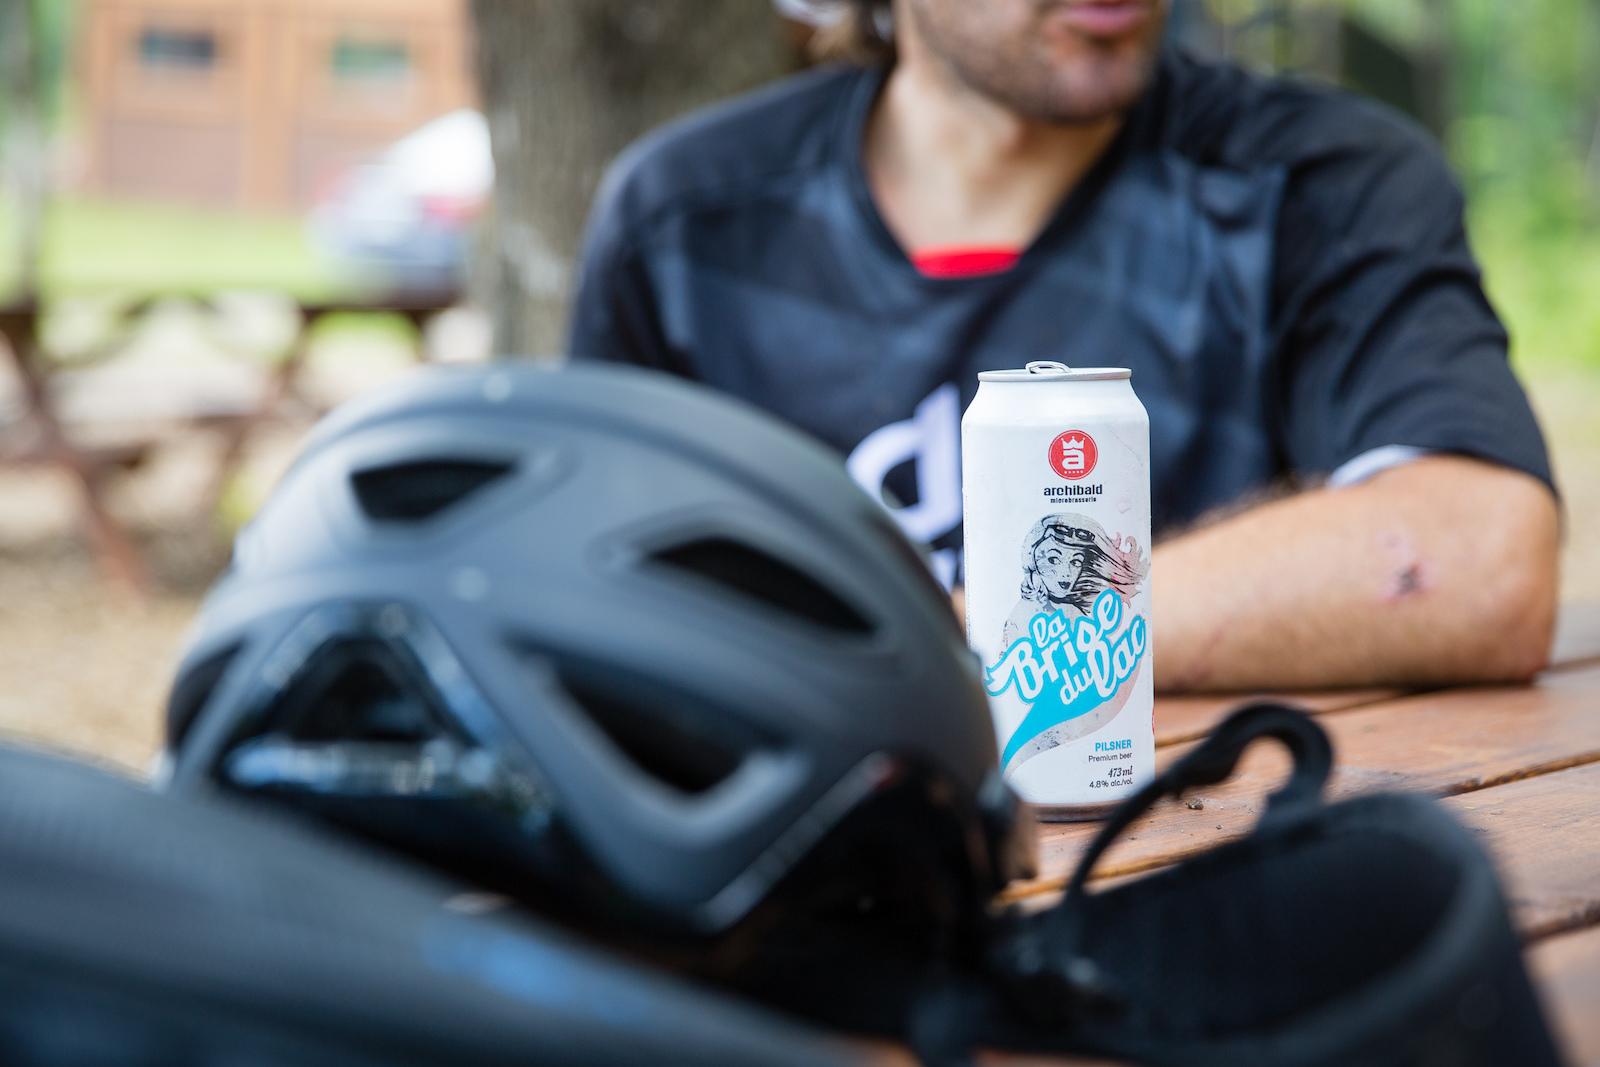 Post ride refreshment. PHOTO Ben Gavelda